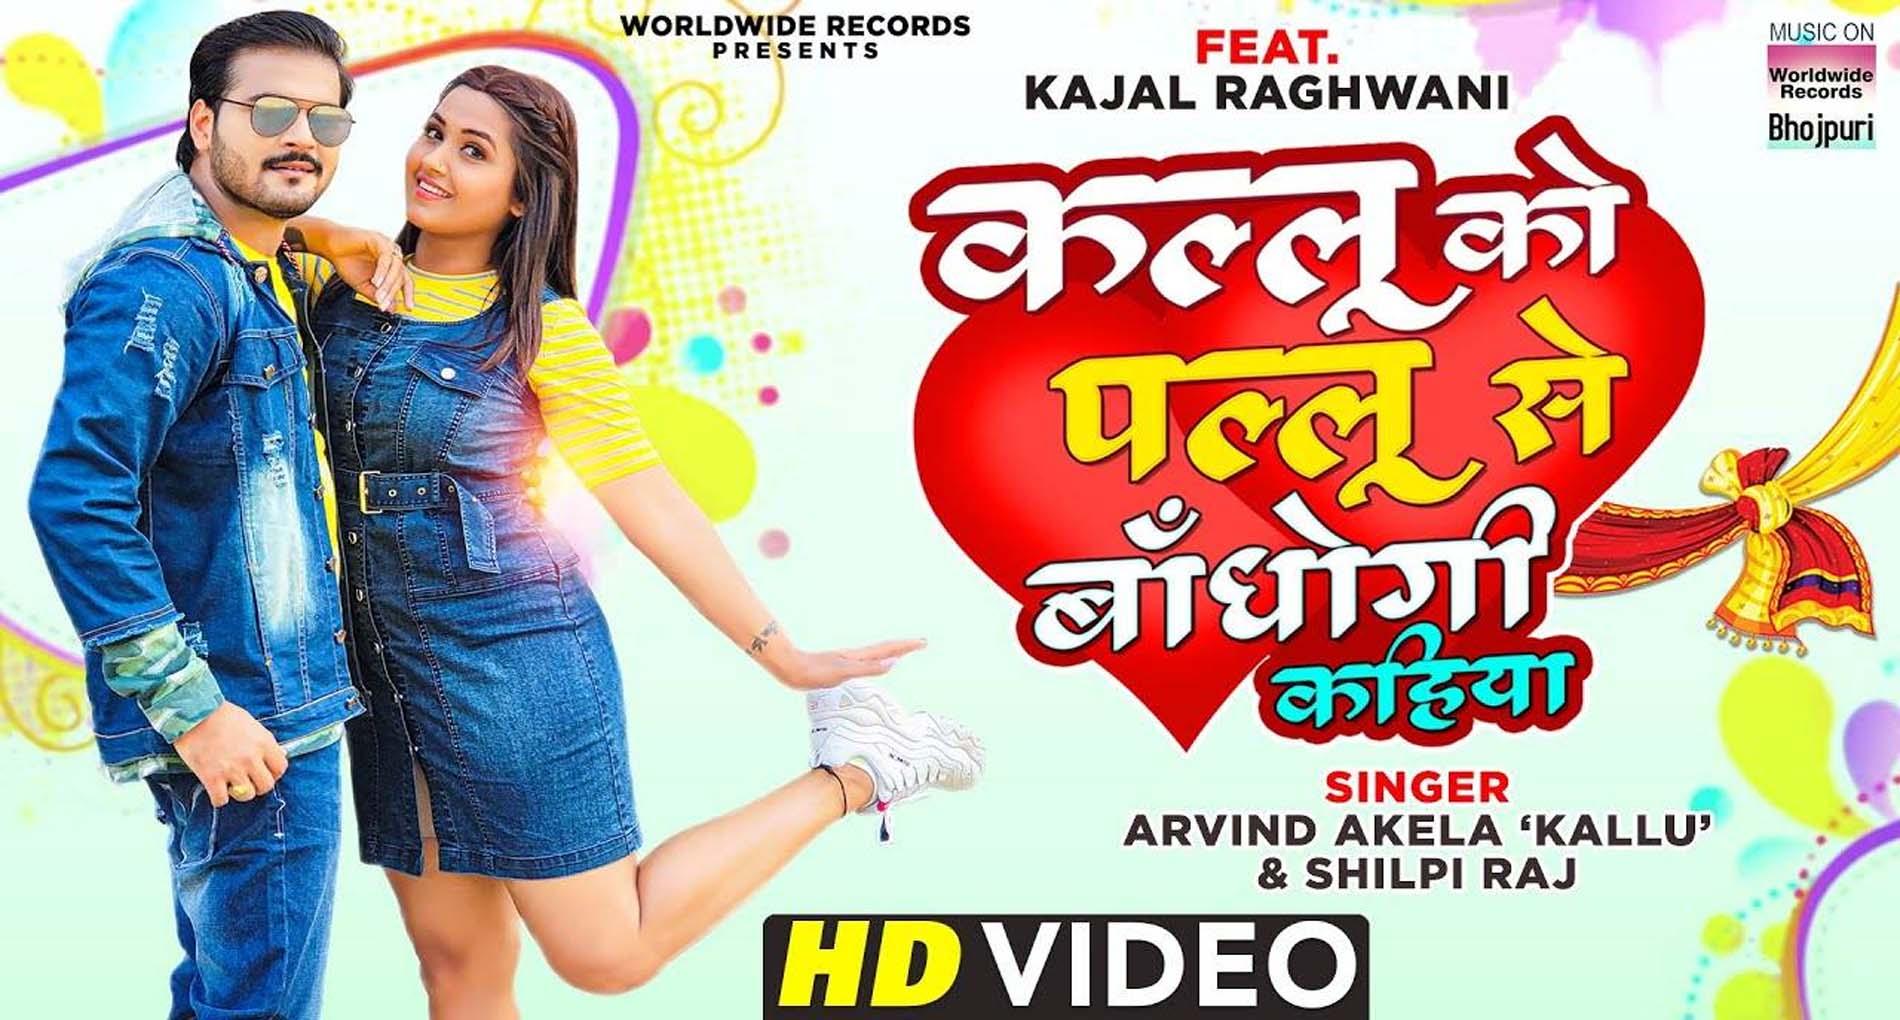 Bhojpuri Hit Video Song: अरविंद अकेला कल्लू और काजल राघवानी की जोड़ी का धमाल! देखें मजेदार वीडियो